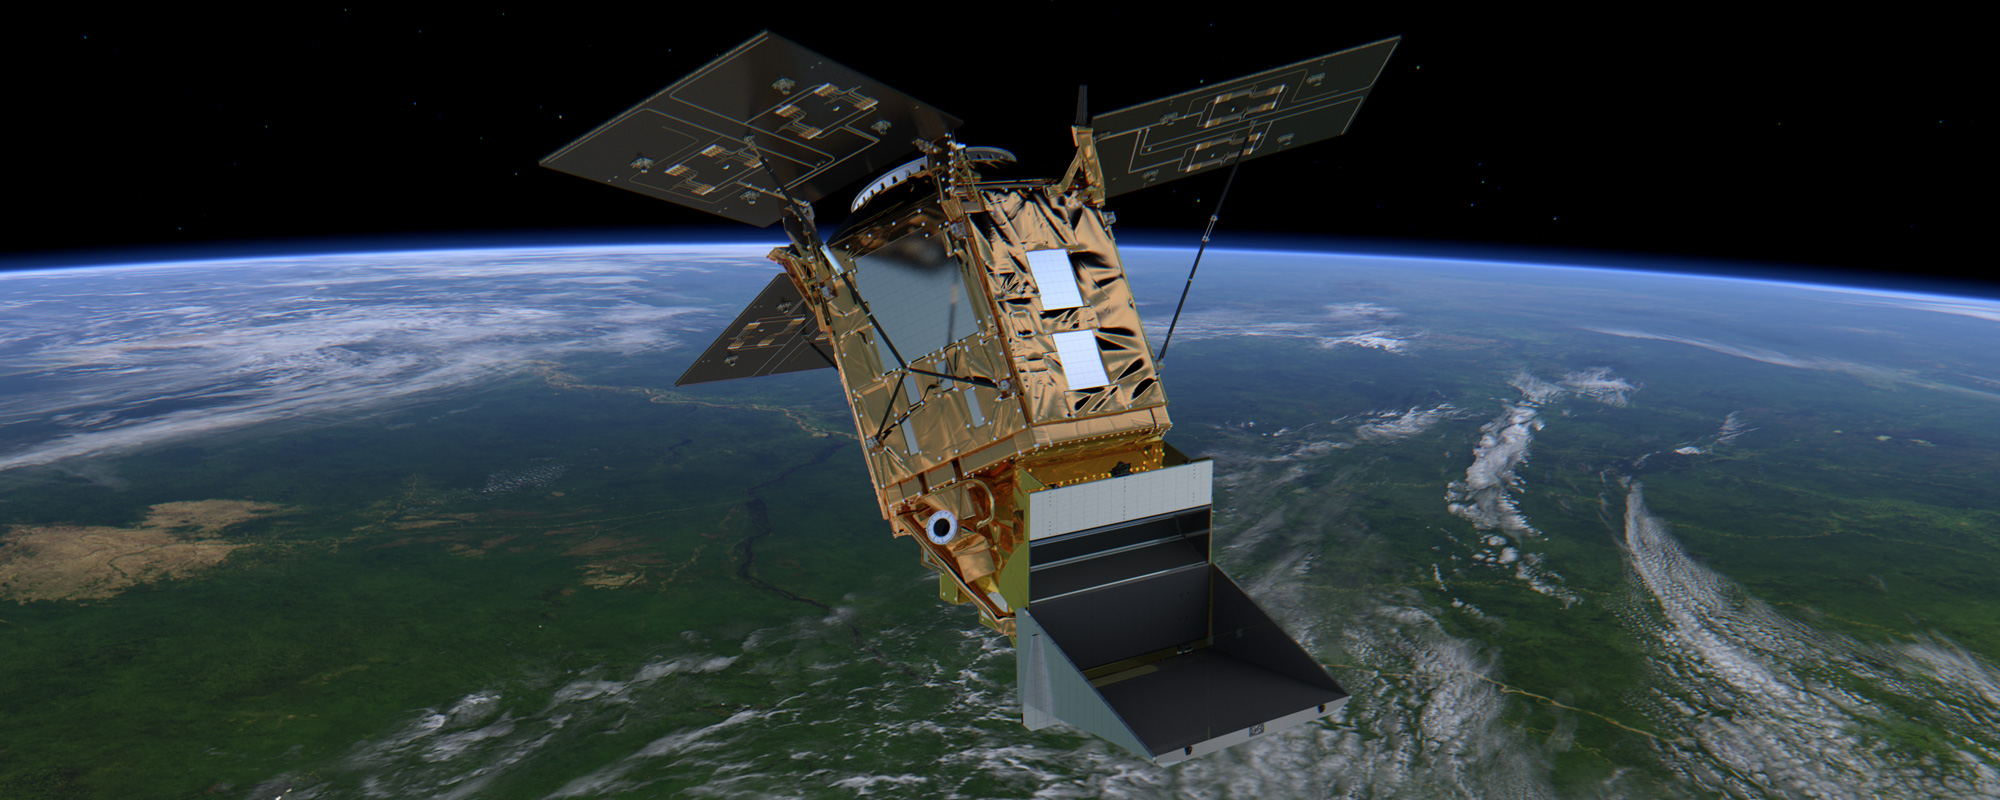 Copernicus Sentinel-5P mission - ONDA DIAS